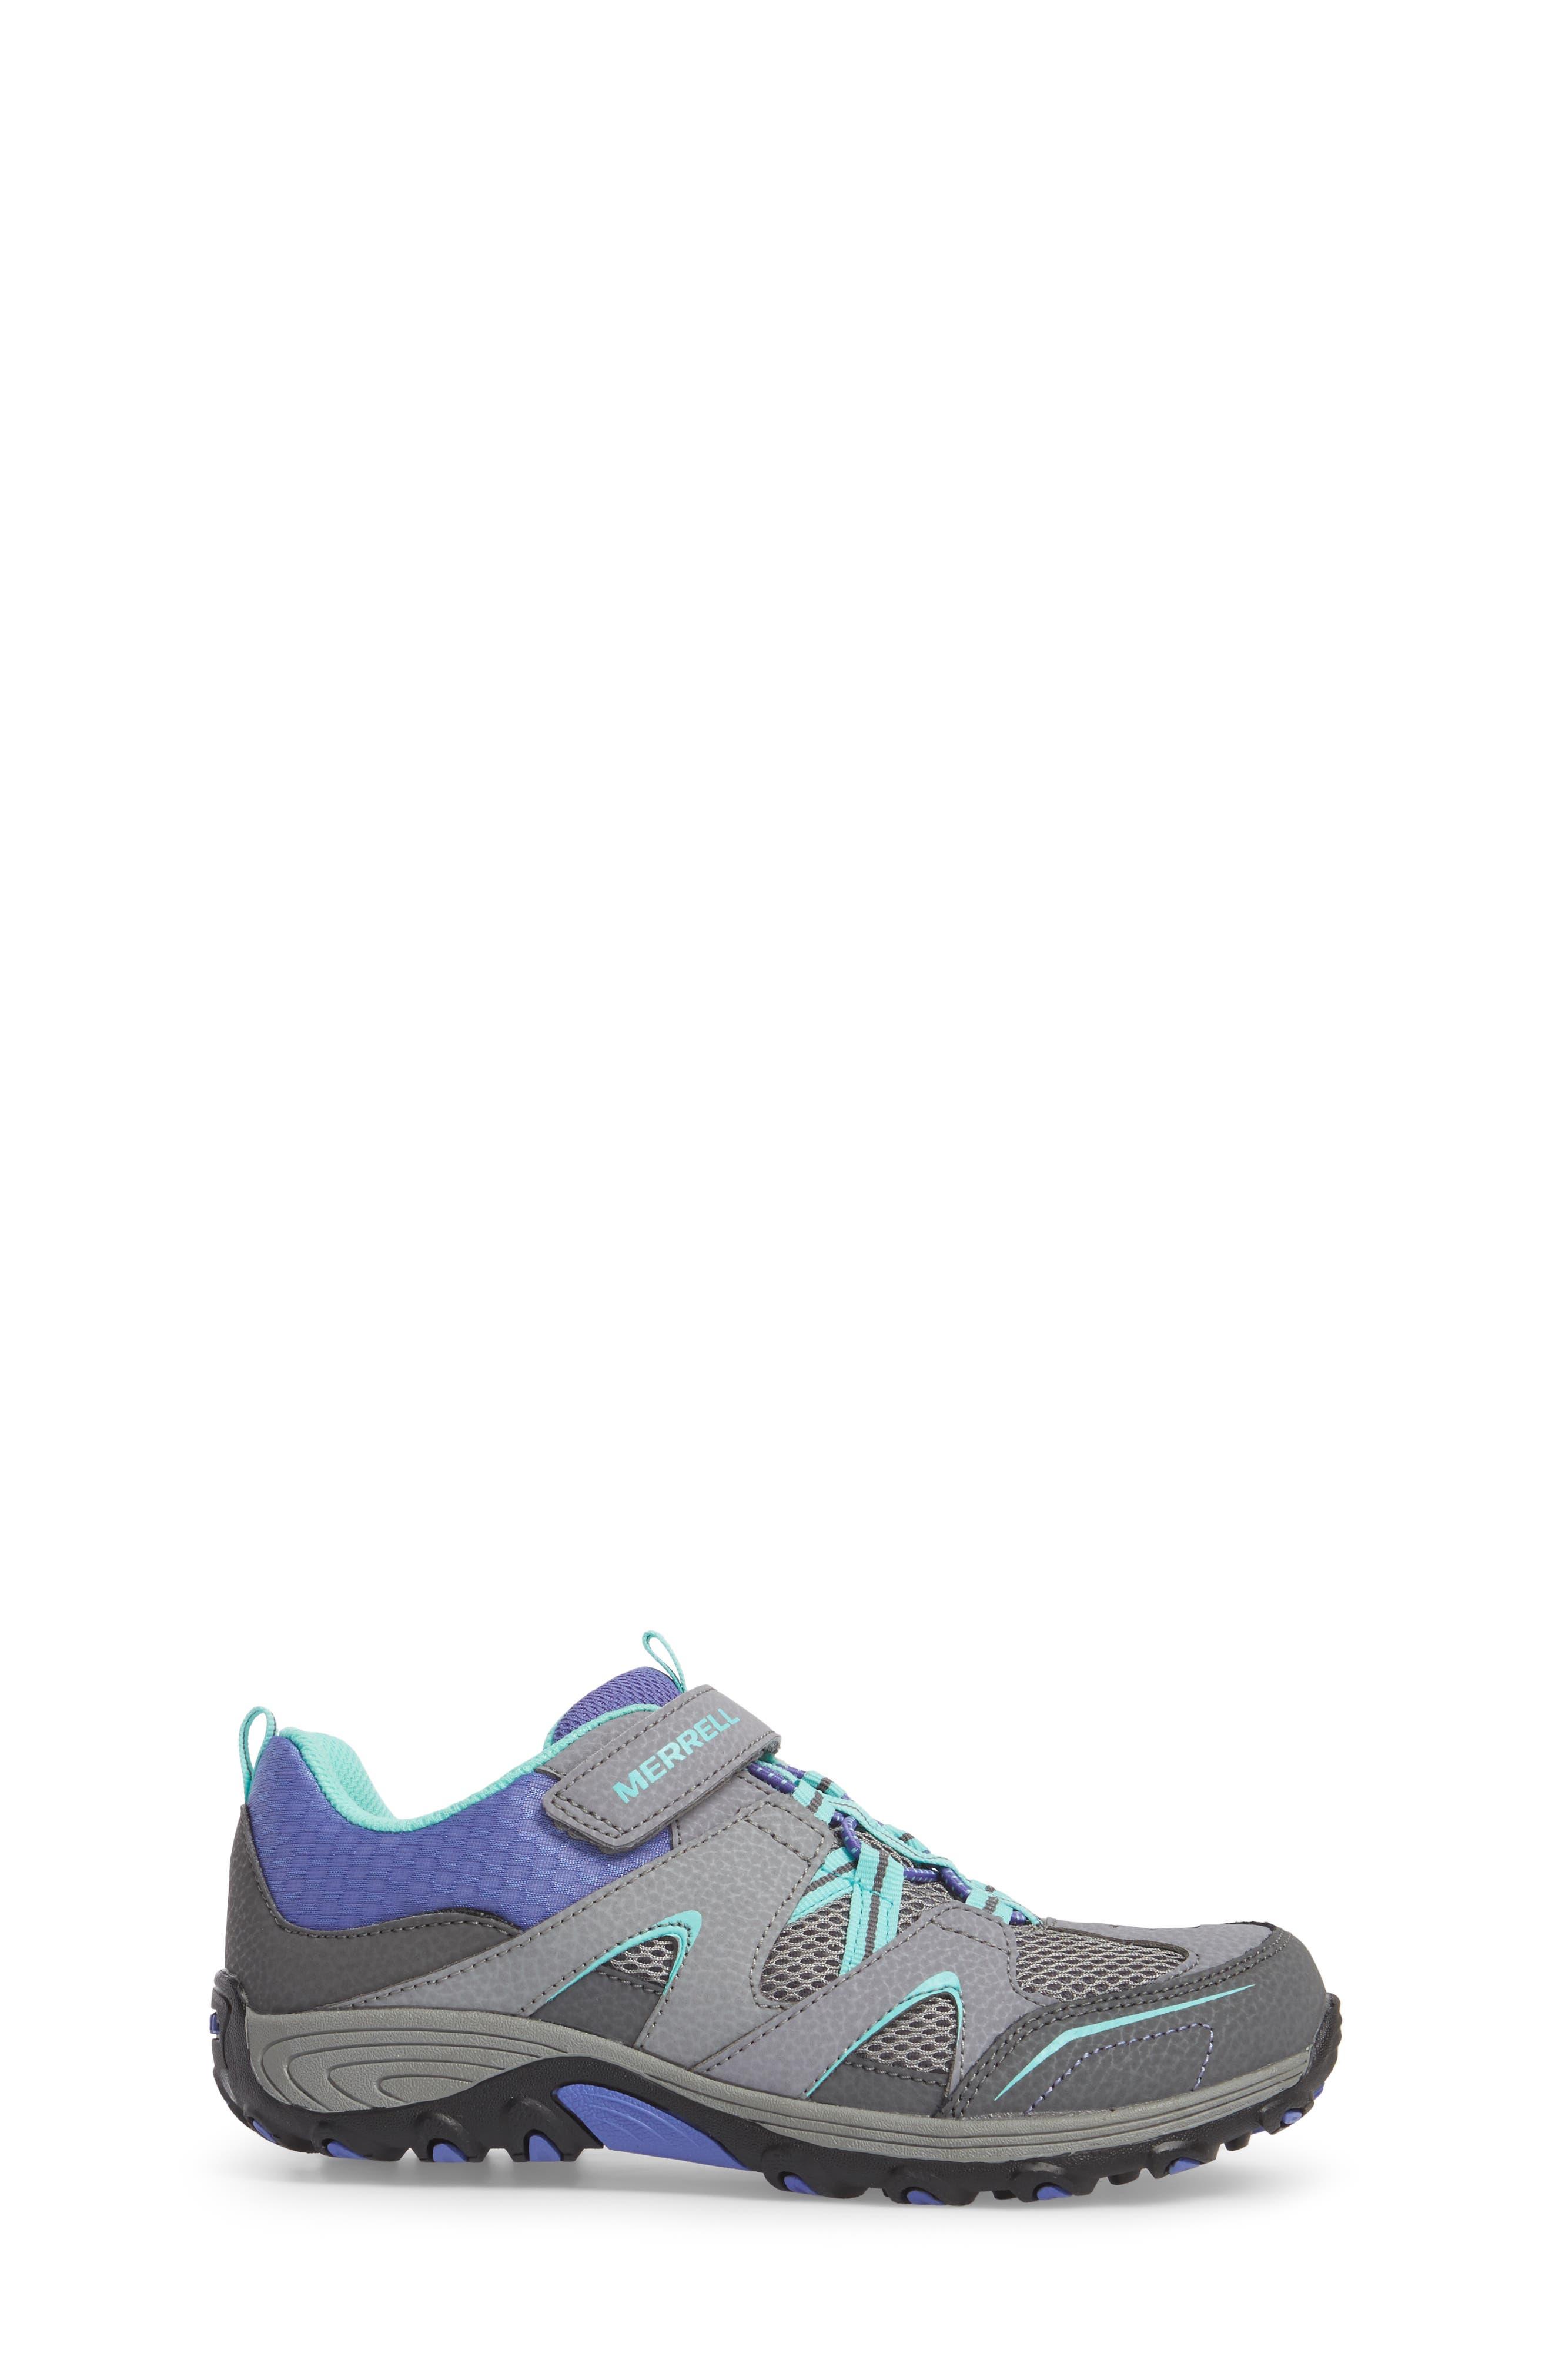 Alternate Image 3  - Merrell Trail Chaser Sneaker (Toddler, Little Kid & Big Kid)